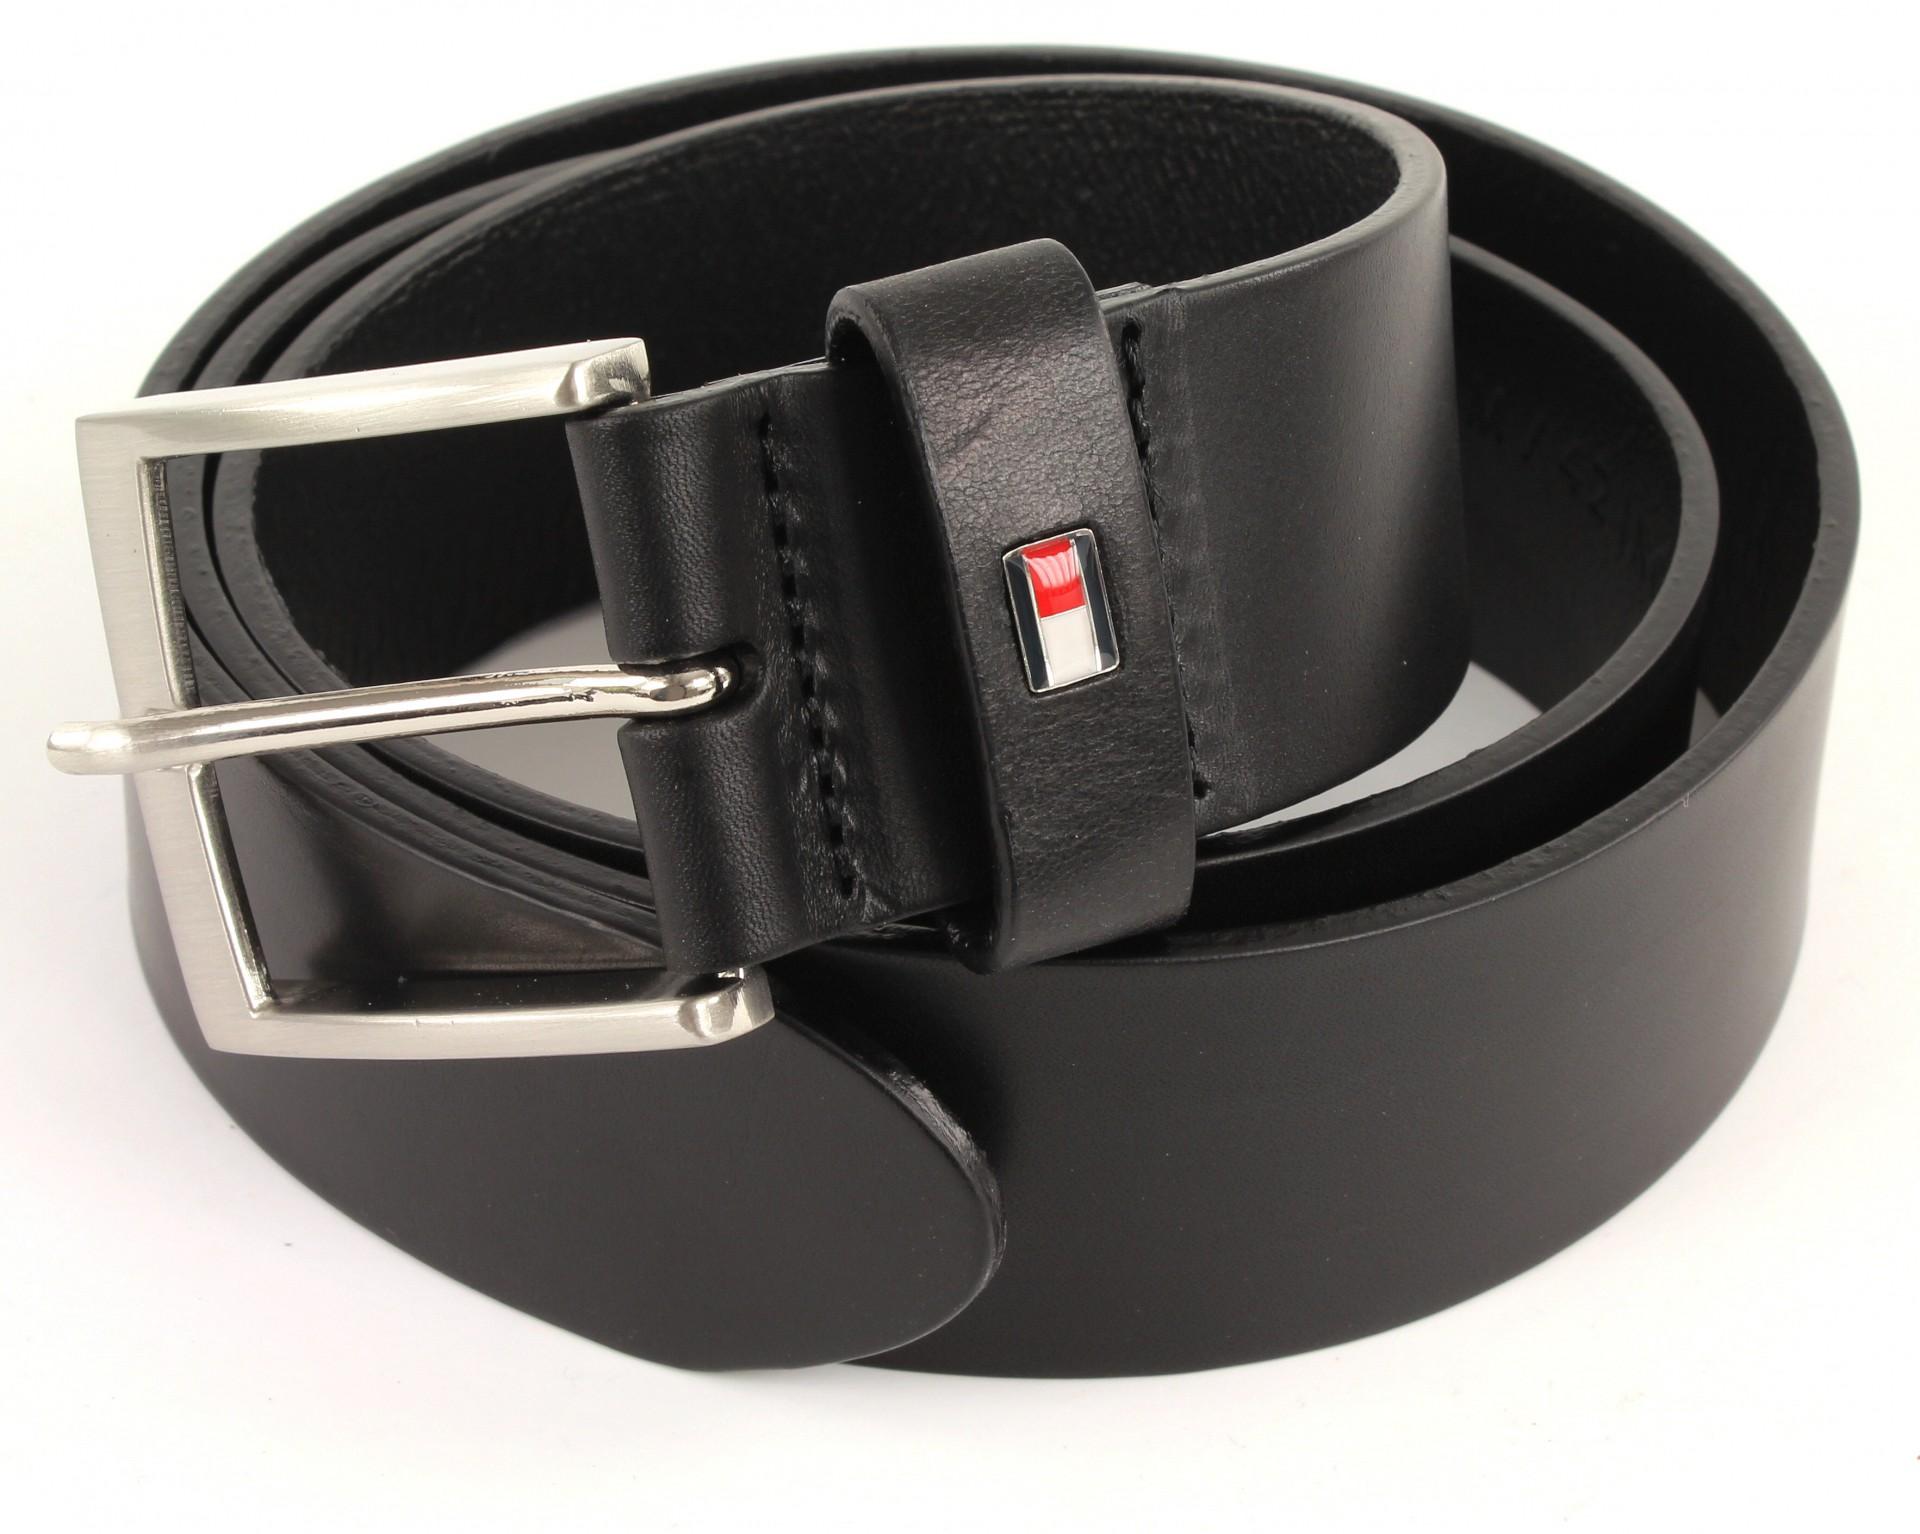 tommy hilfiger new denton belt w95 g rtel lederg rtel herreng rtel. Black Bedroom Furniture Sets. Home Design Ideas